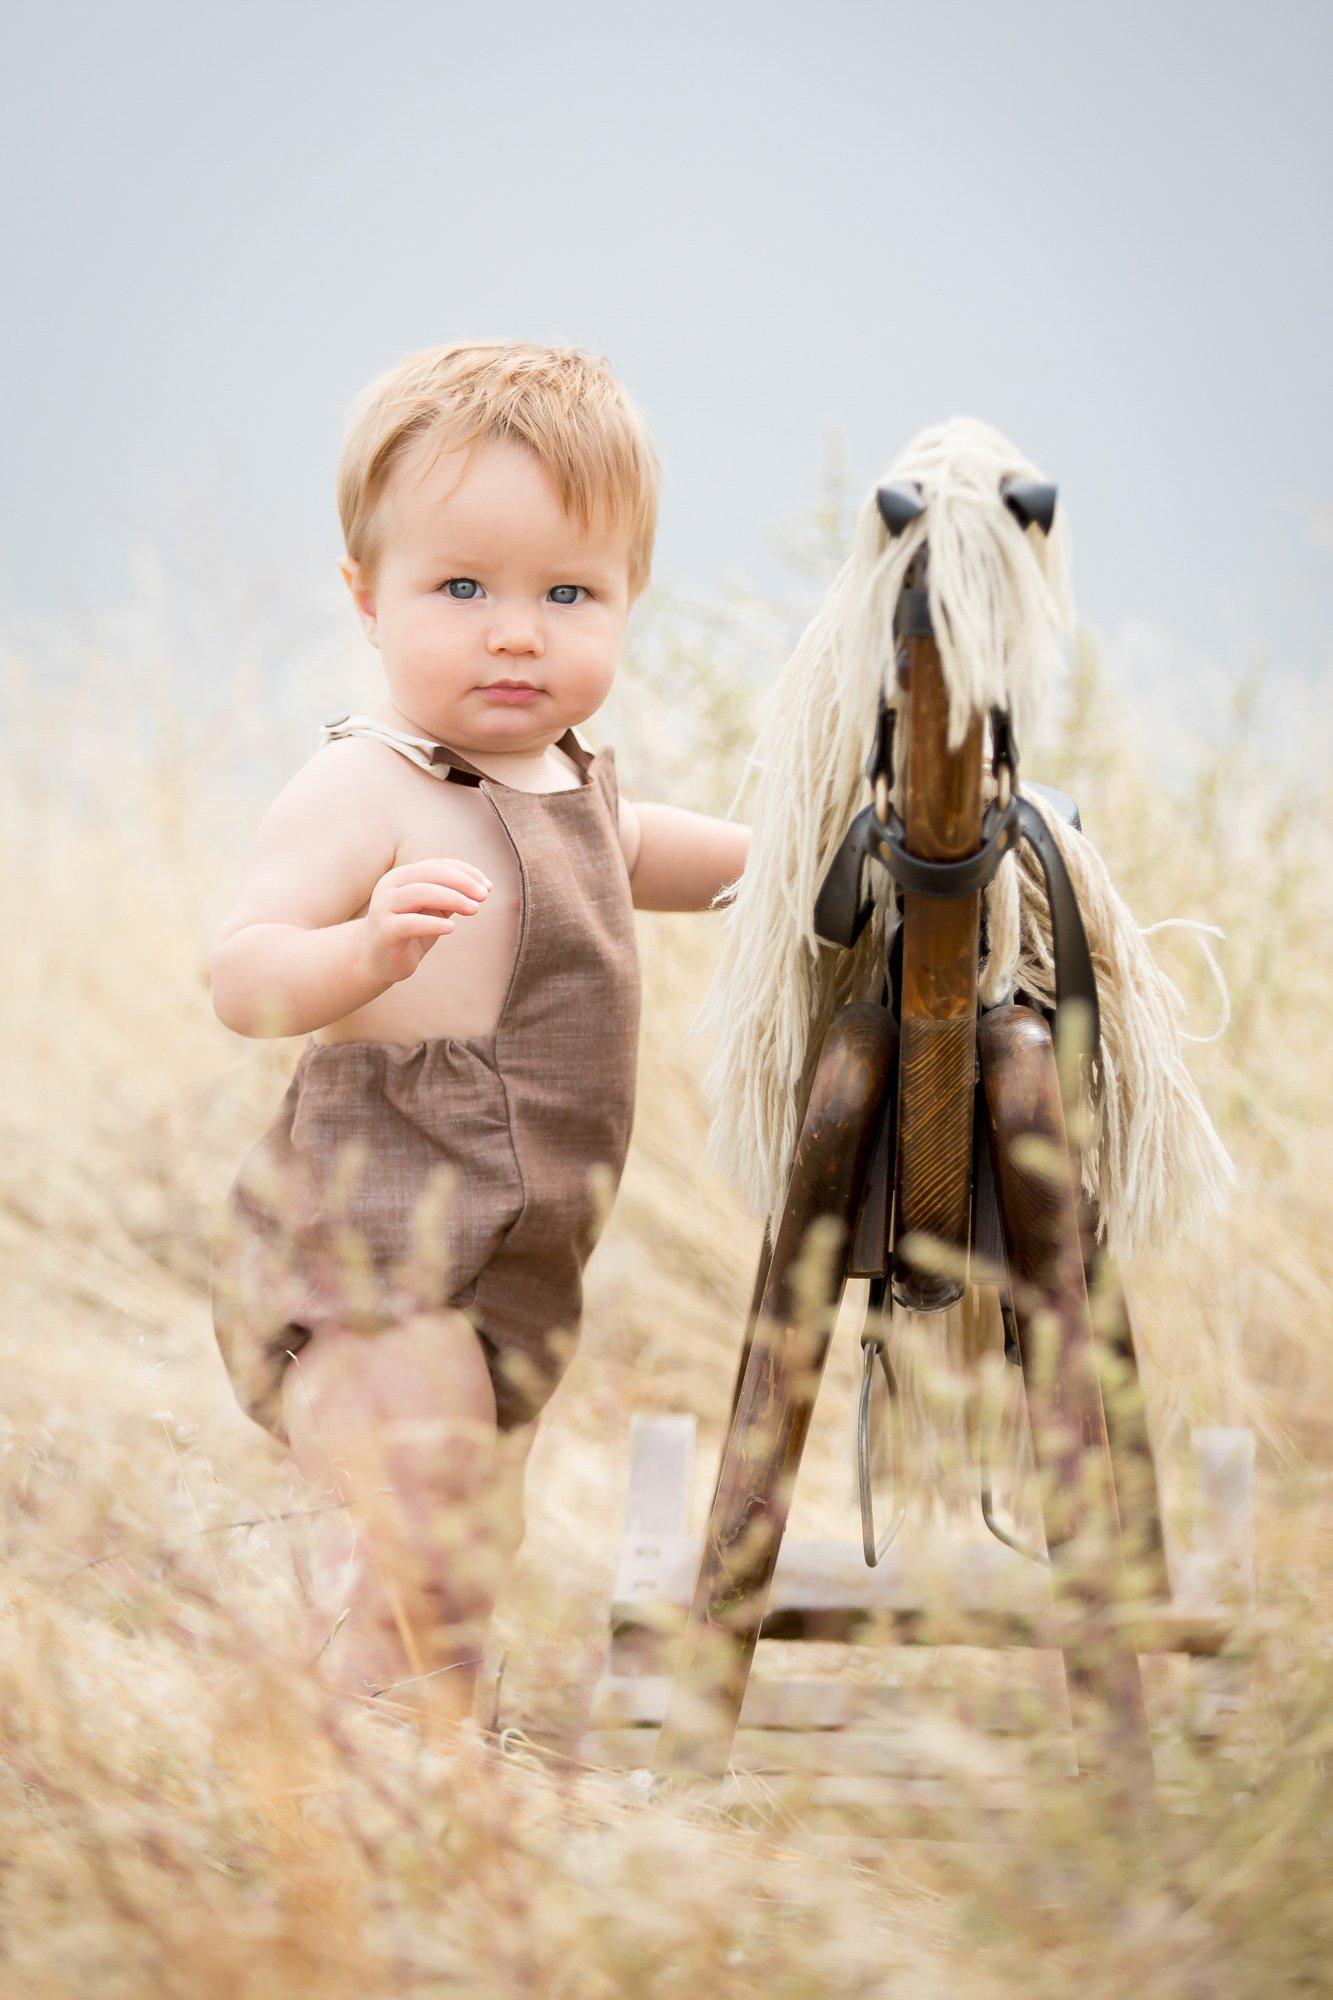 A little boy standing next to a rocking horse